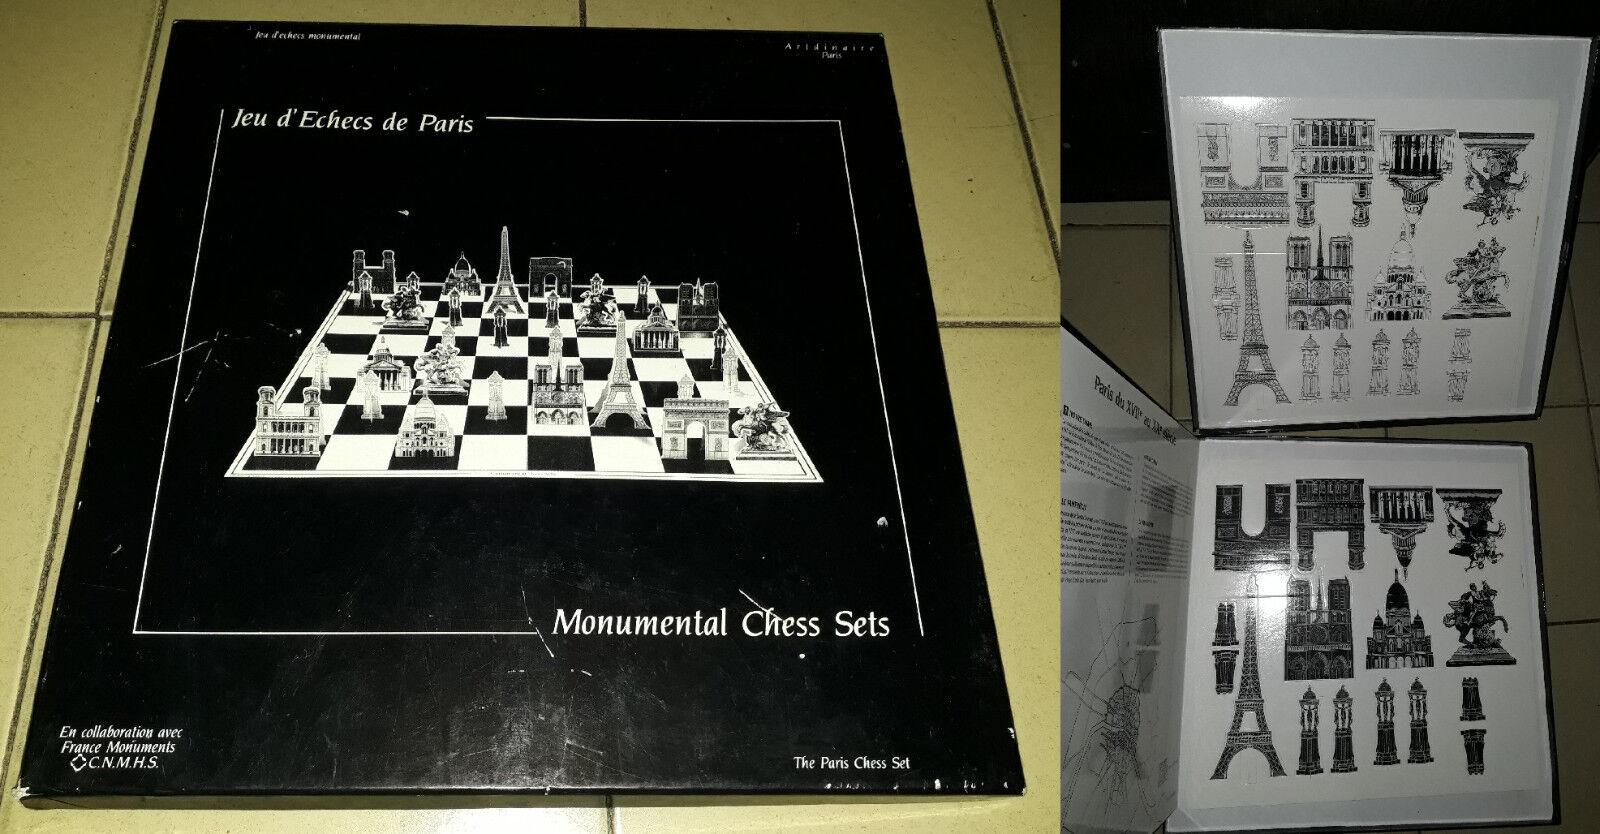 Jeu d'echecs monumental de Paris, M.J Grant, M.C. Frost. Chess sets. CNNHS.